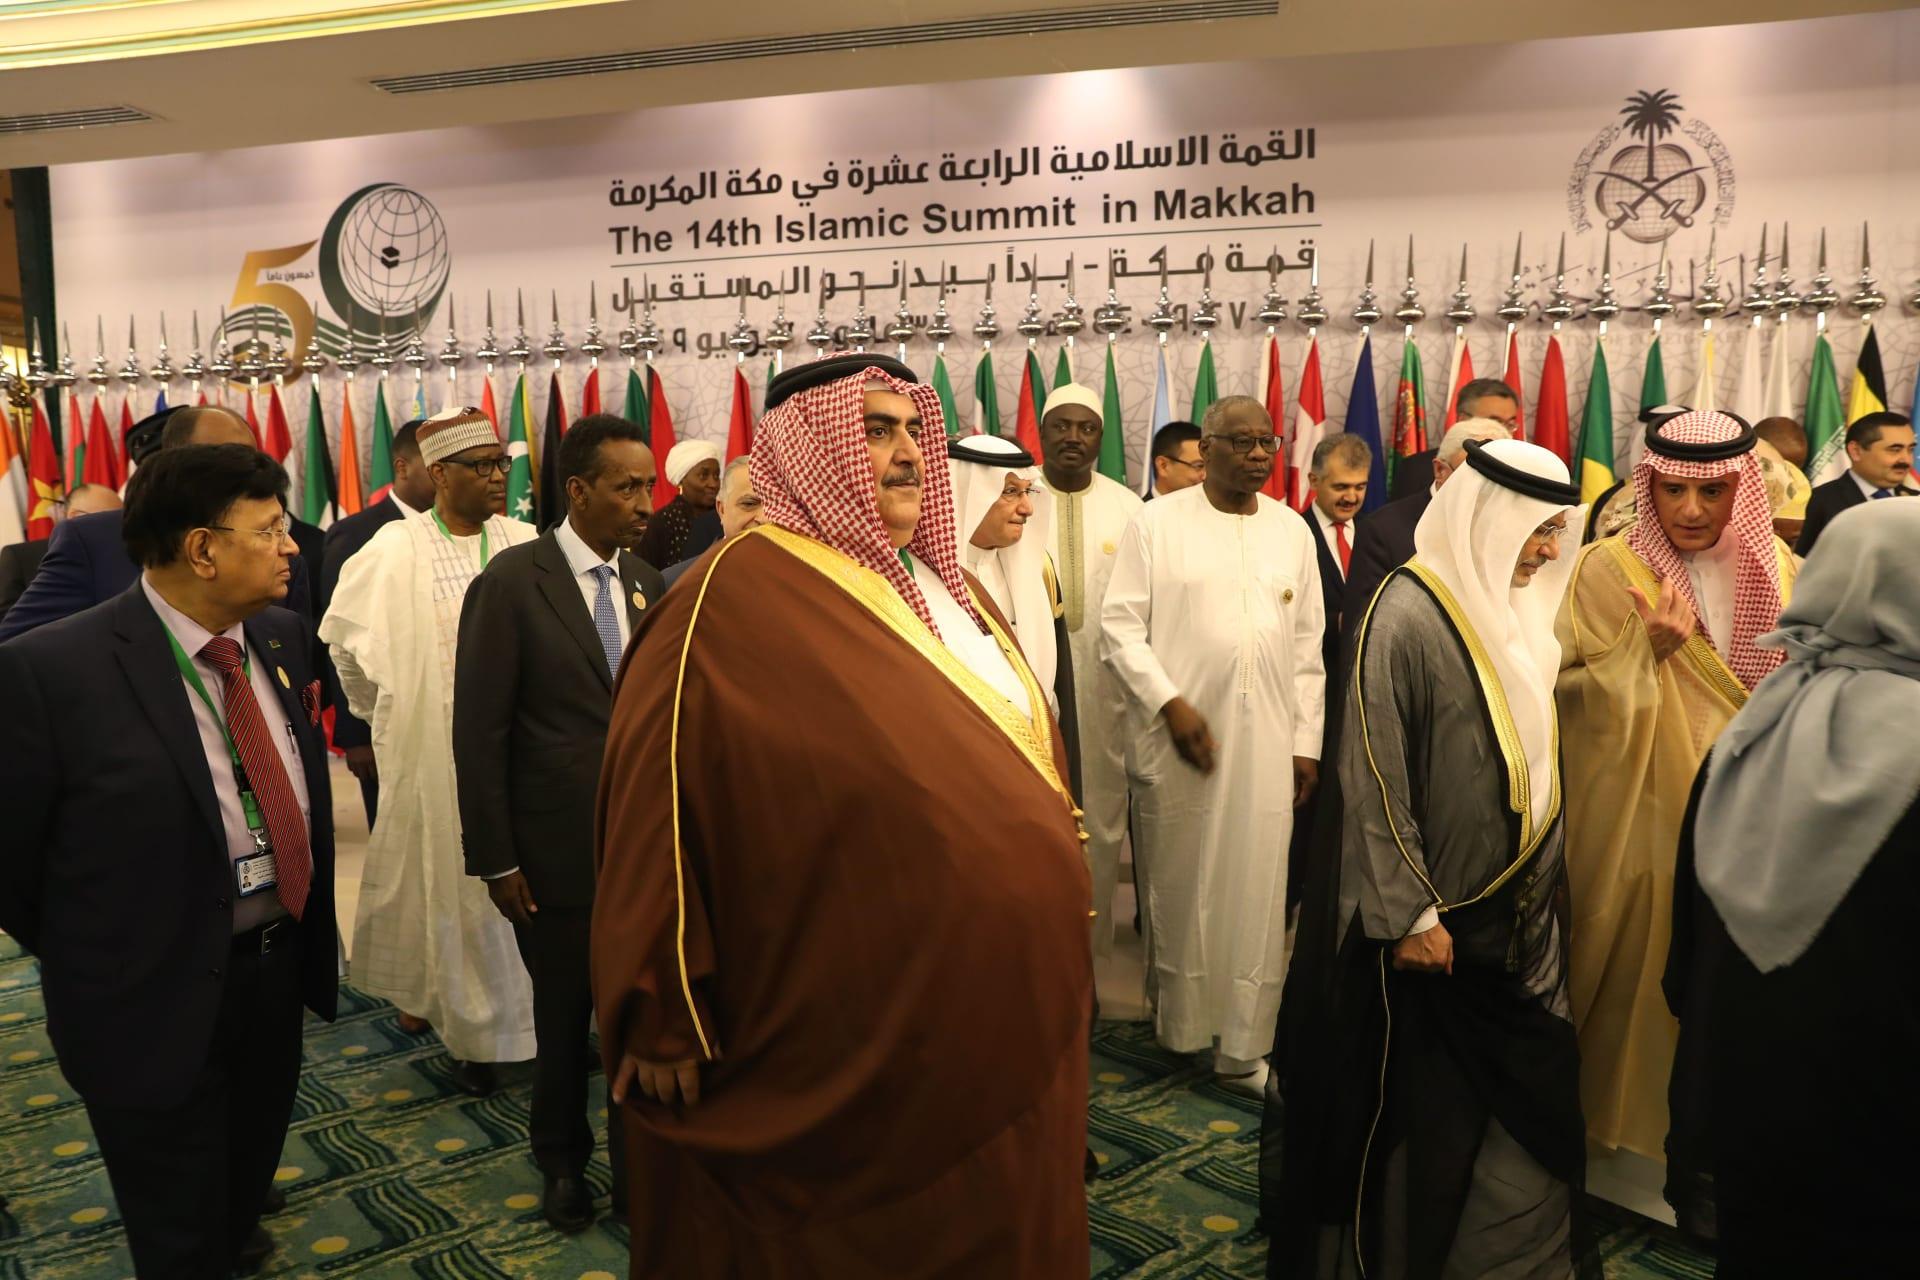 """البحرين تنتقد تحفظ قطر على البيان الختامي لقمة مكة الخليجية ونصف مشاركة الدوحة بـ""""الضعيفة"""""""